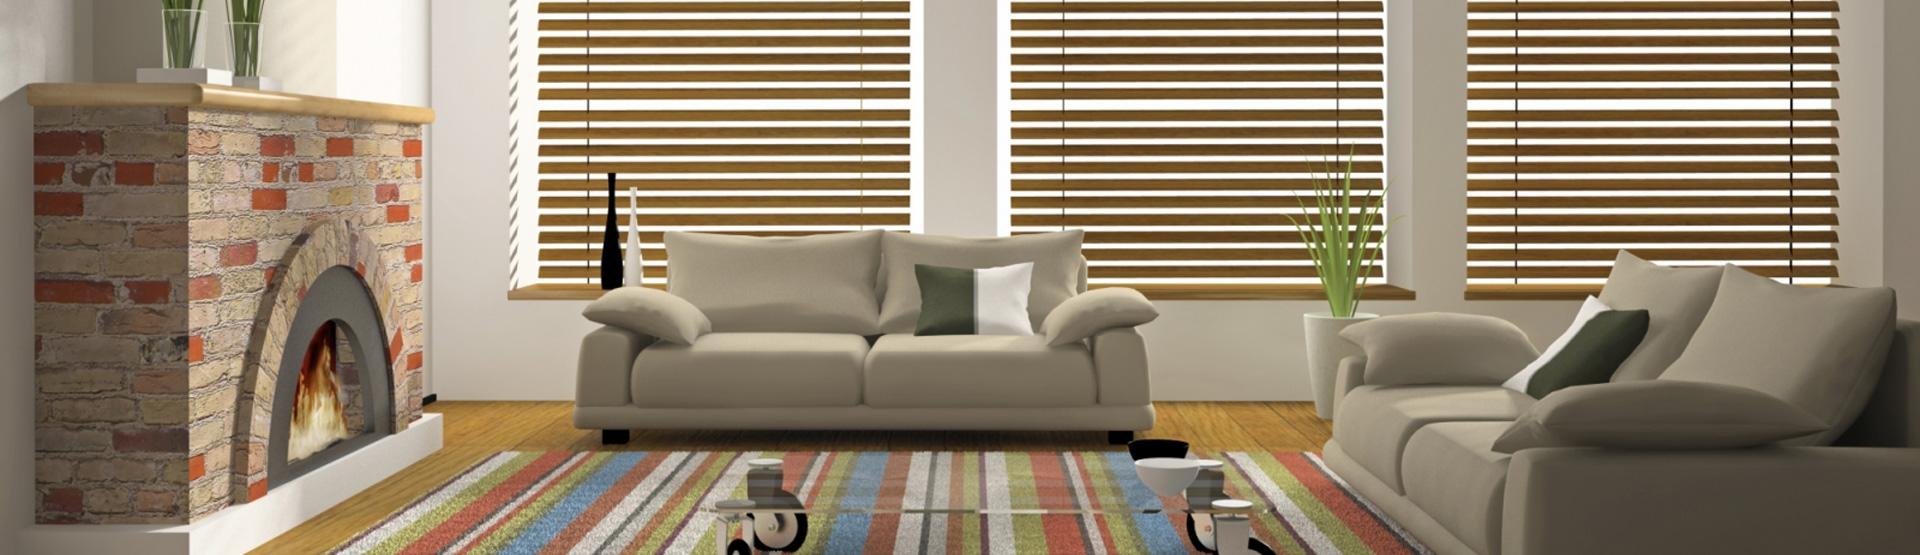 Inicio cortinas persianas - Persianas y cortinas ...